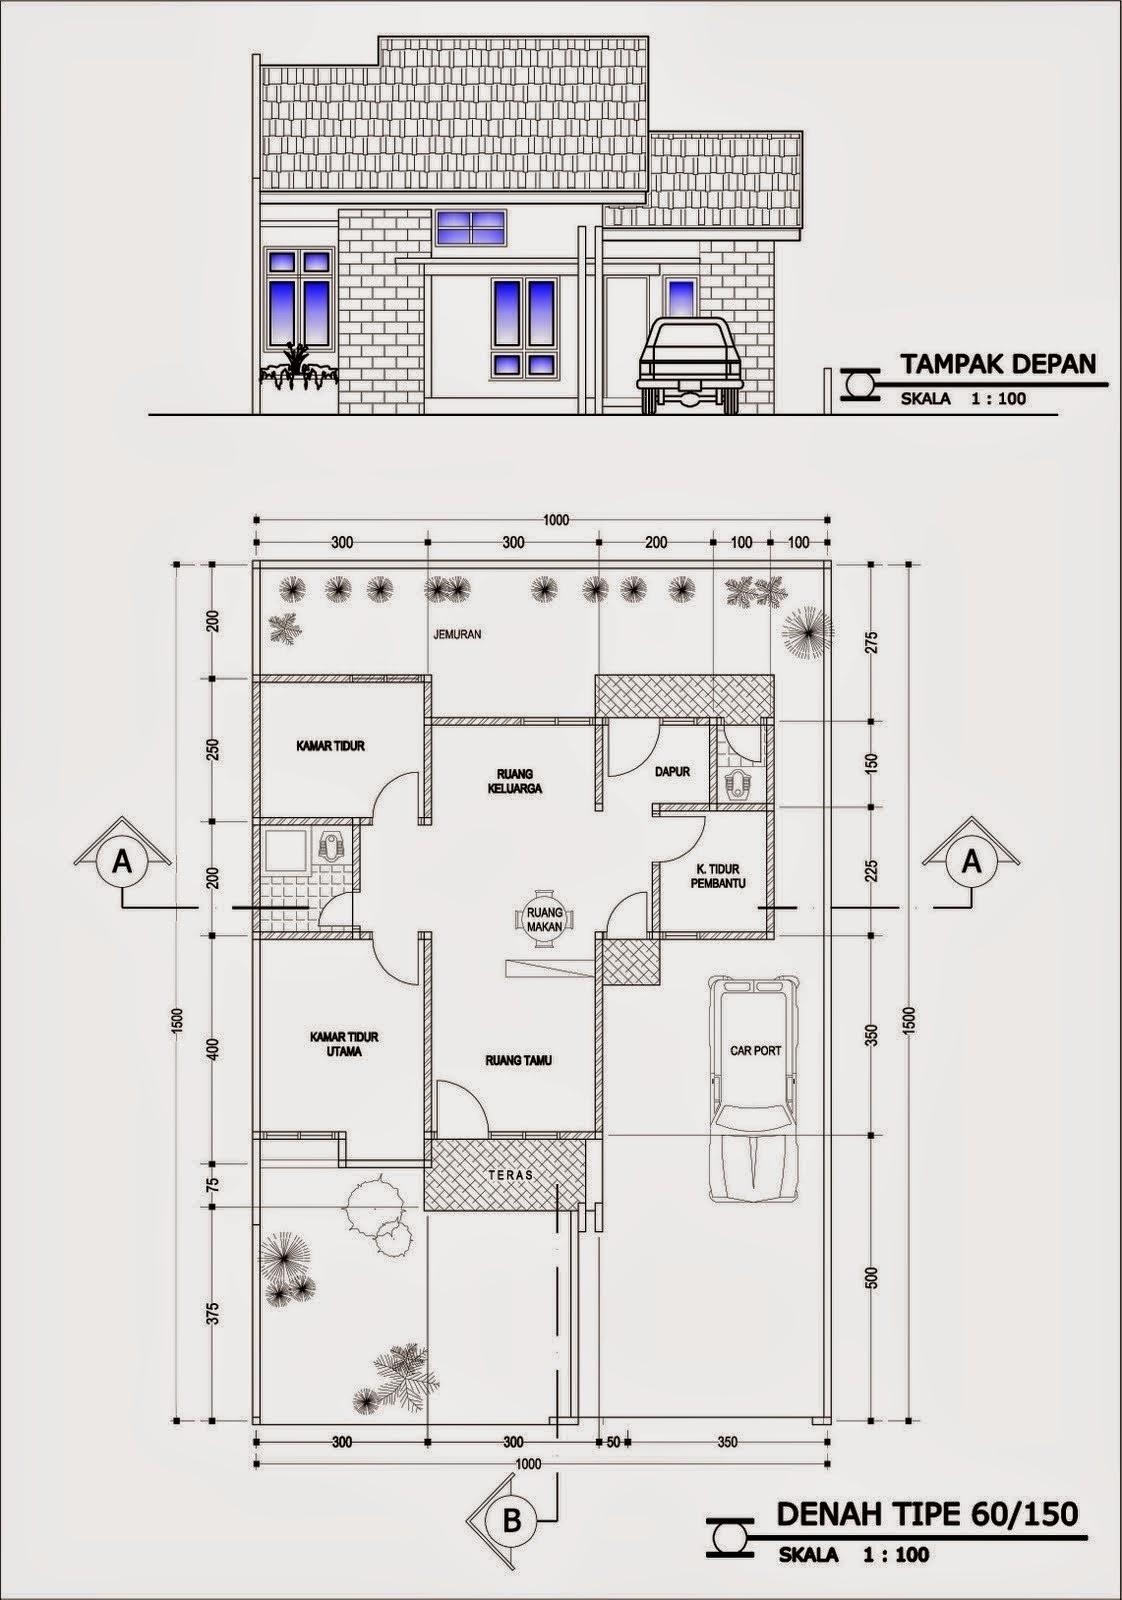 Inilah Gambar Denah Desain Rumah Minimalis 4 Kamar Tidur Sekian